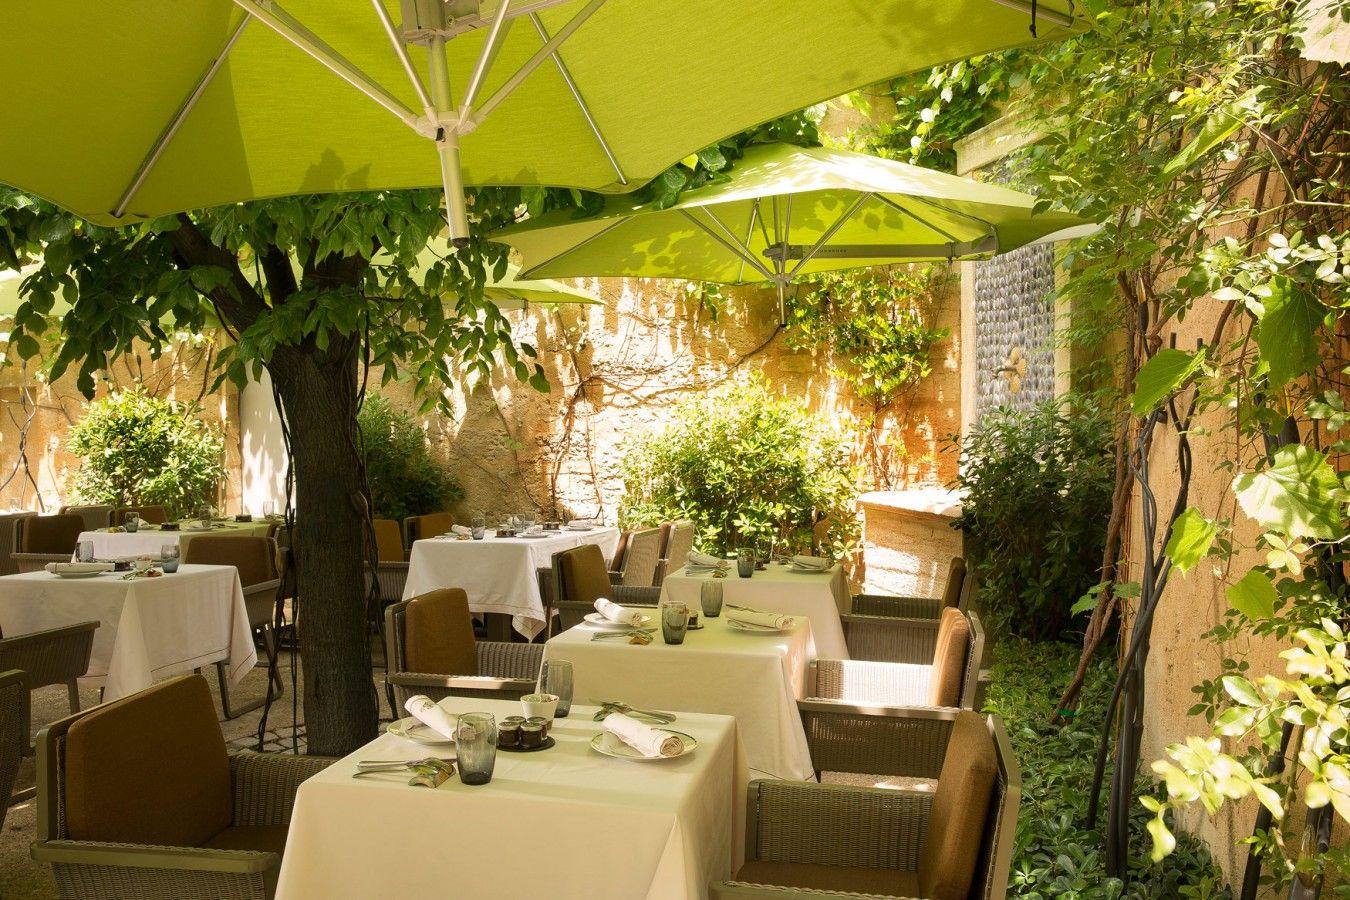 Restaurant Gastronomique Gard A Uzes La Table D Uzes Site Officiel Hotel Restaurant 5 Etoiles Avec Spa A Uzes Gard Re Hotel Restaurant Maison Hotel